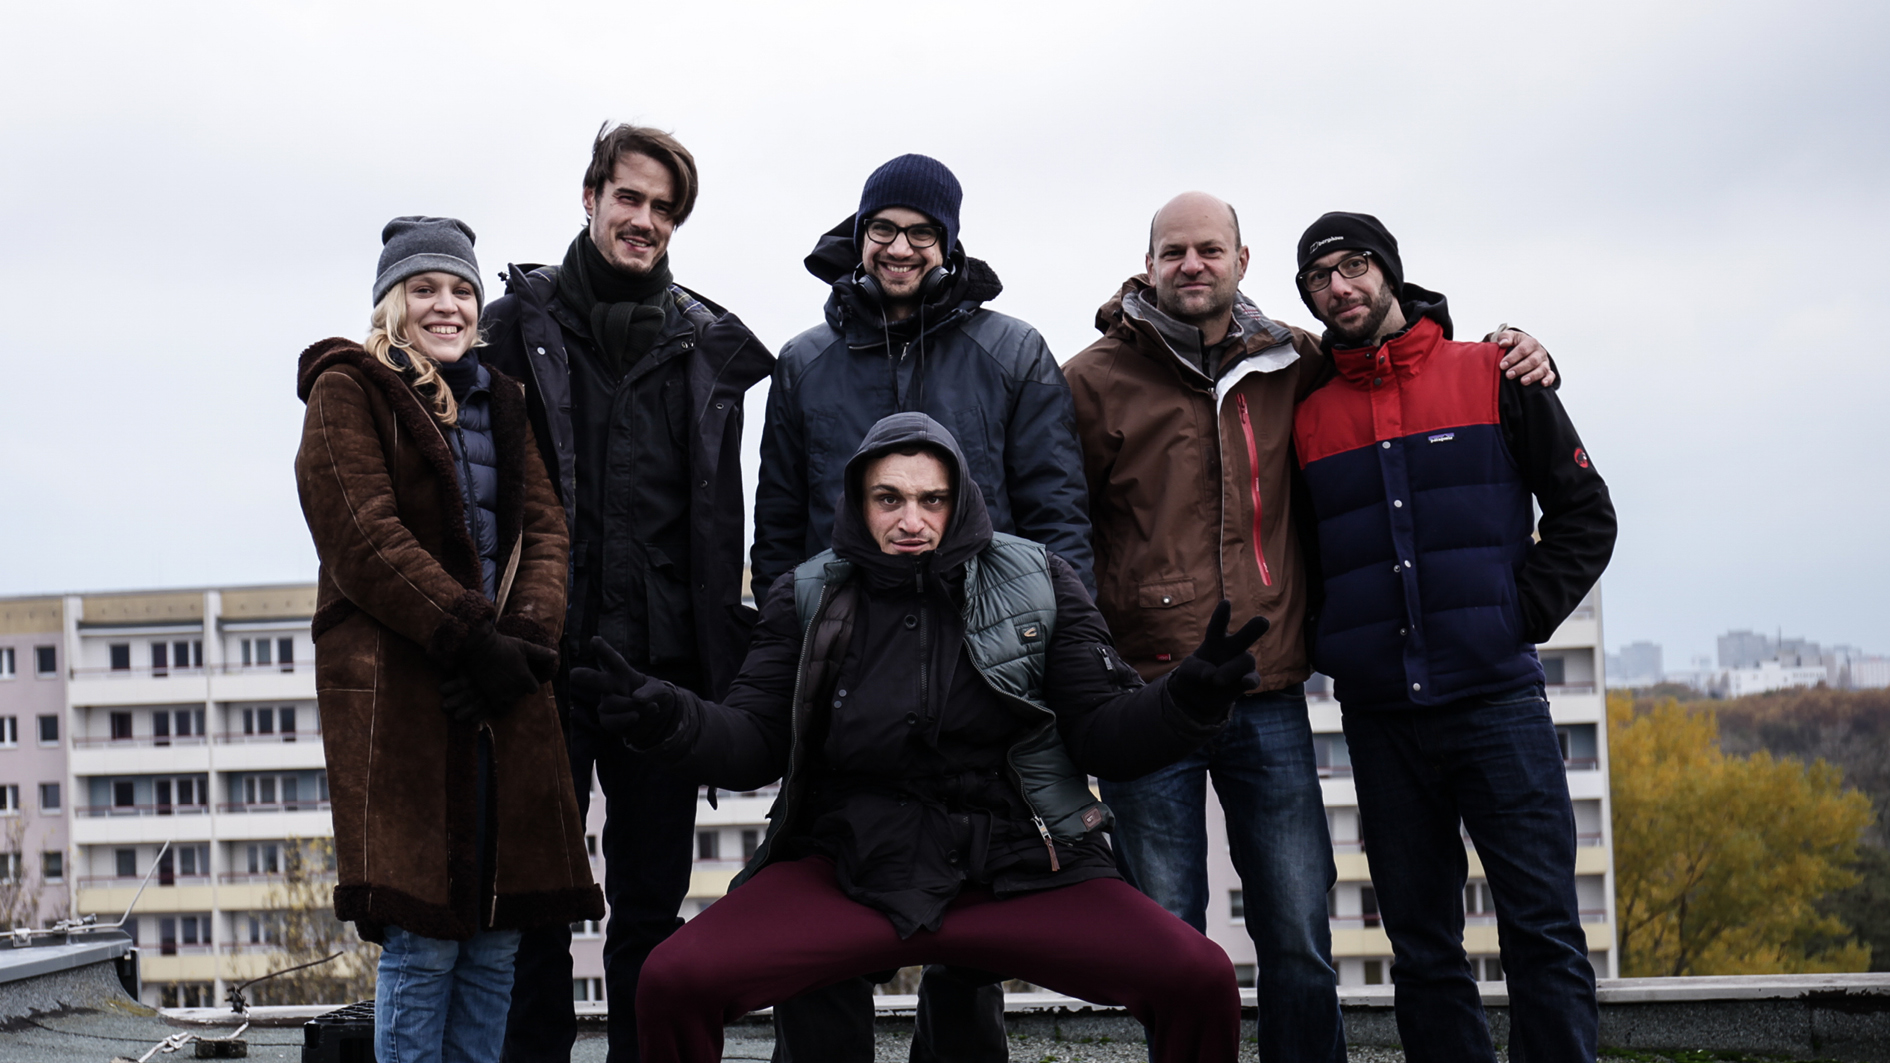 Anne Haug, Tilman Strauss, Daniel Wild (Buch + Regie), Bernd Krause (Mixtvision), Yannick Bonica (Kamera) und davor Hauptdarsteller Franz Rogowsi